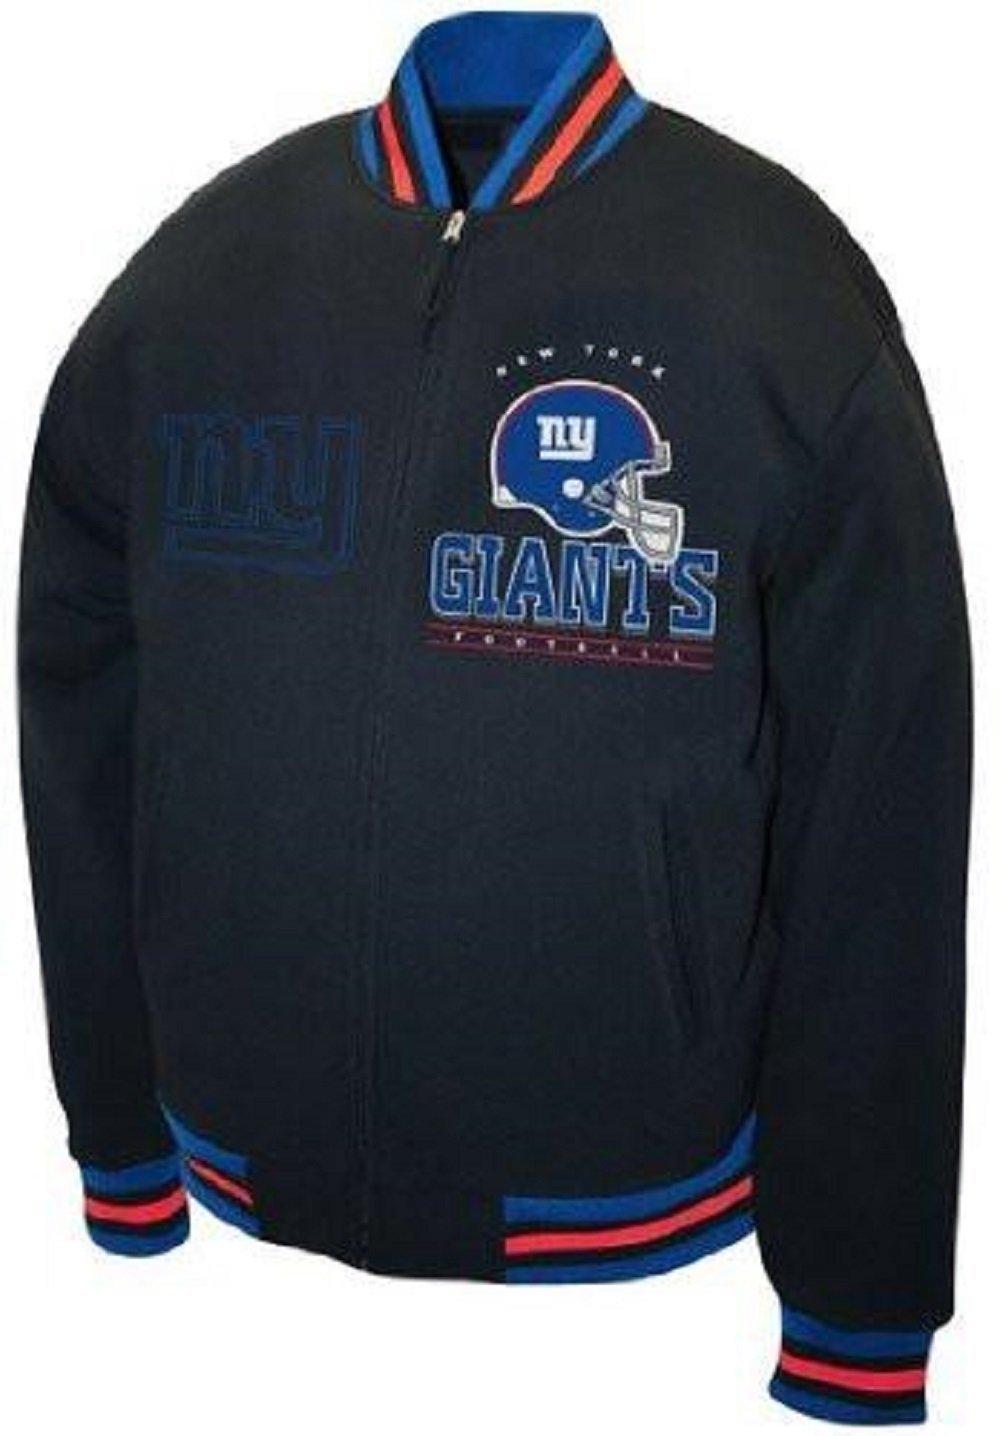 New York Giants Hard Knock Full Zip Fleece Jacket by G-III Sports